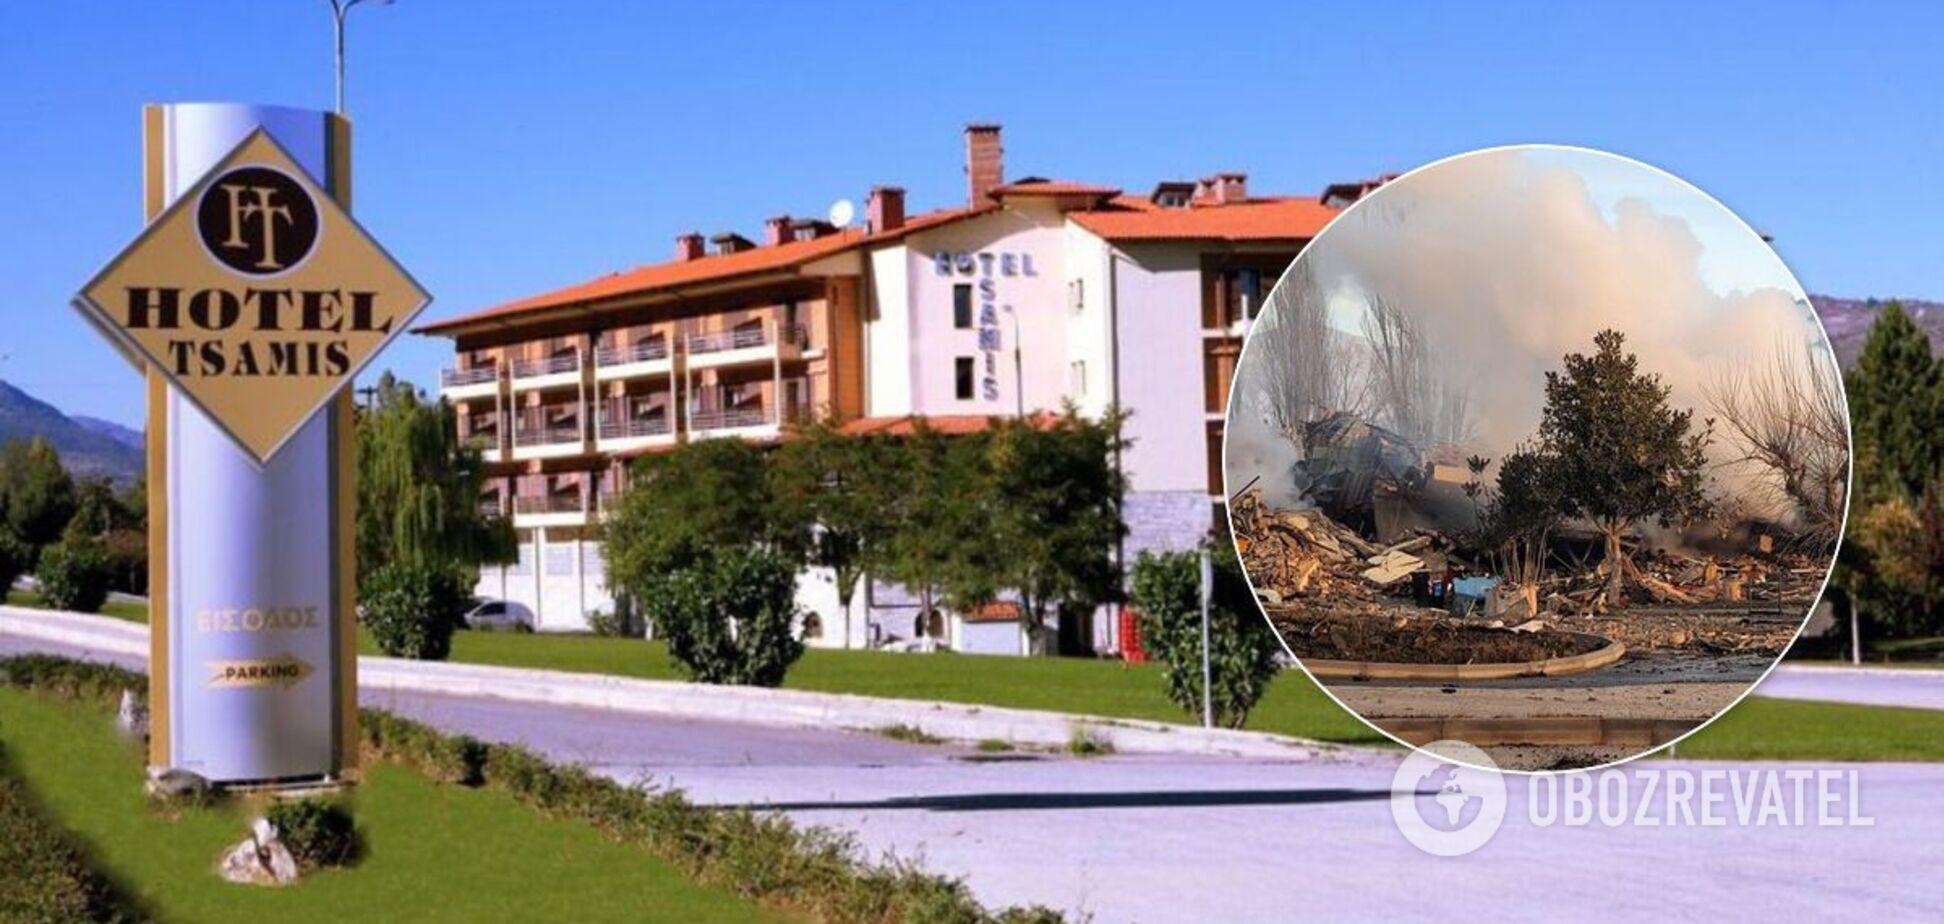 В Греции взрыв уничтожил один из знаковых отелей страны. Видео